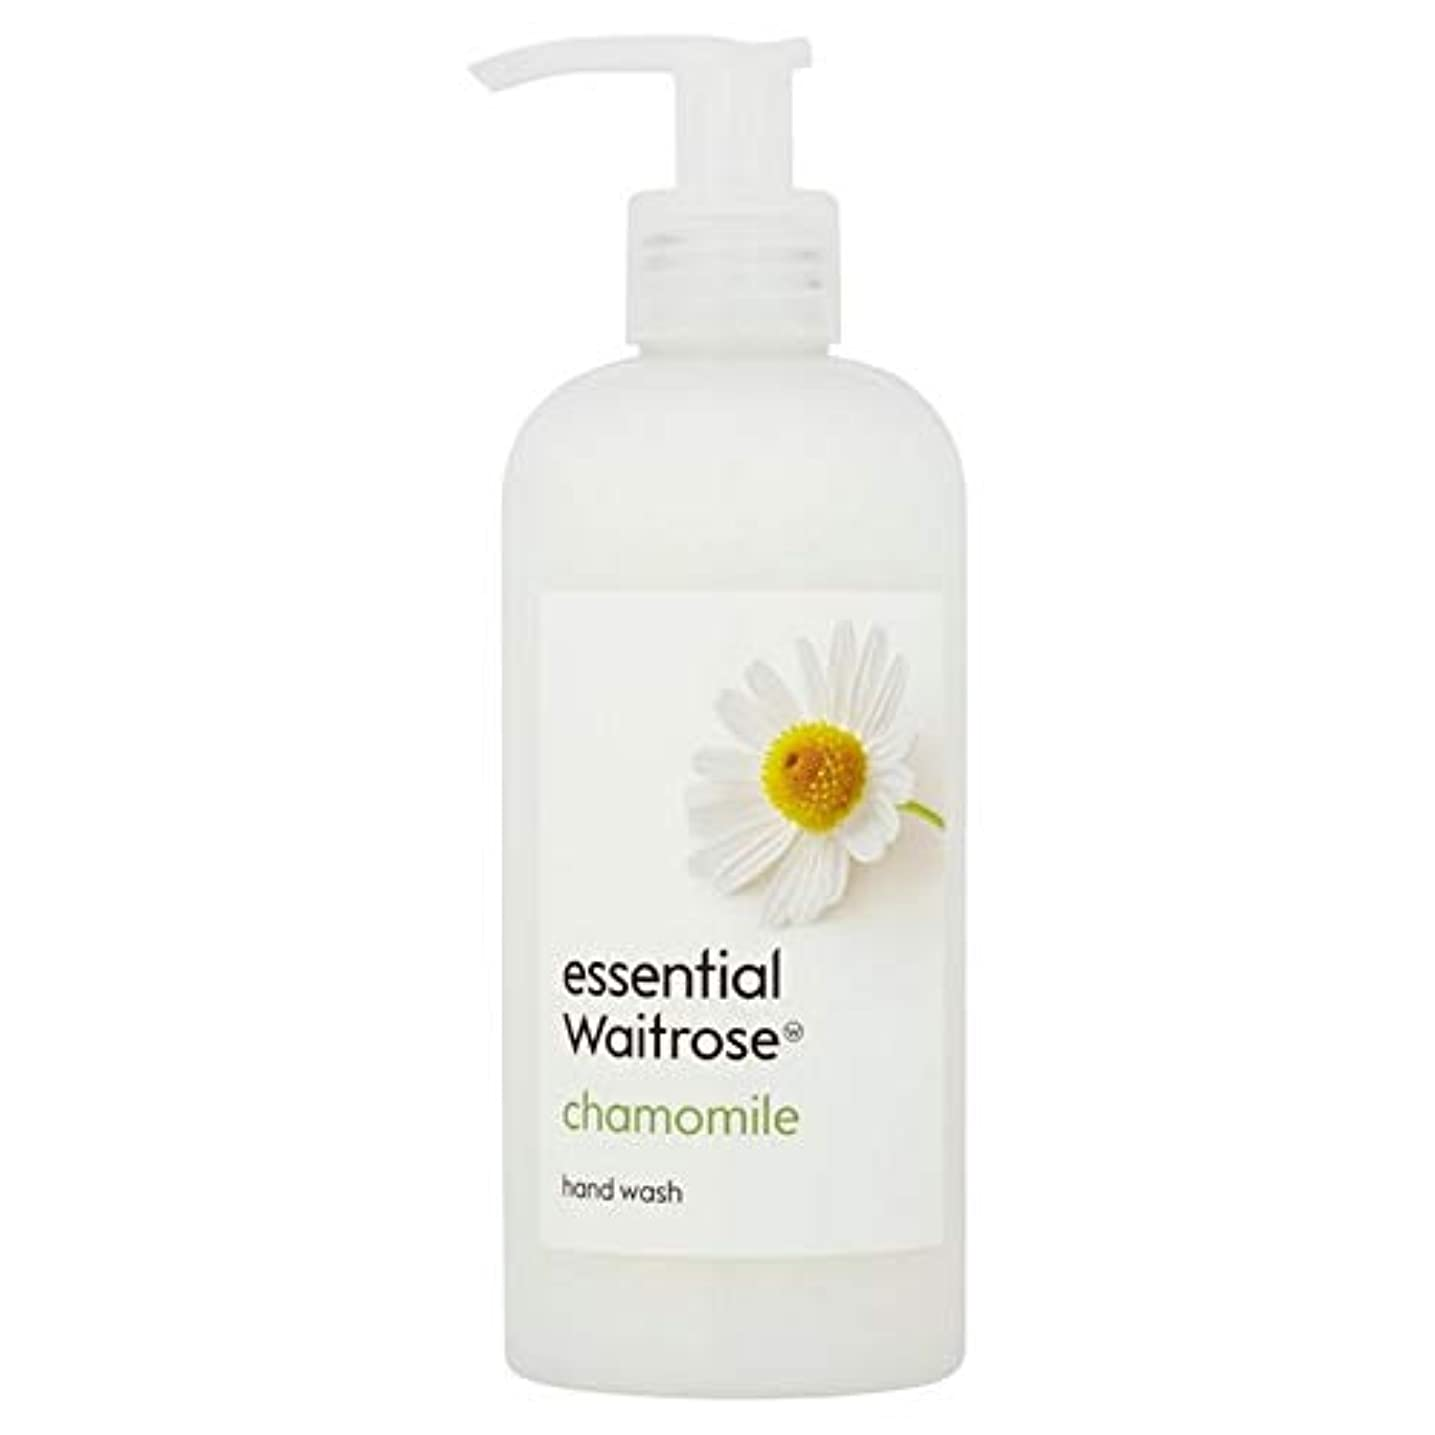 凍るデクリメント取得する[Waitrose ] 基本的なウェイトローズのハンドウォッシュカモミール300ミリリットル - Essential Waitrose Hand Wash Chamomile 300ml [並行輸入品]